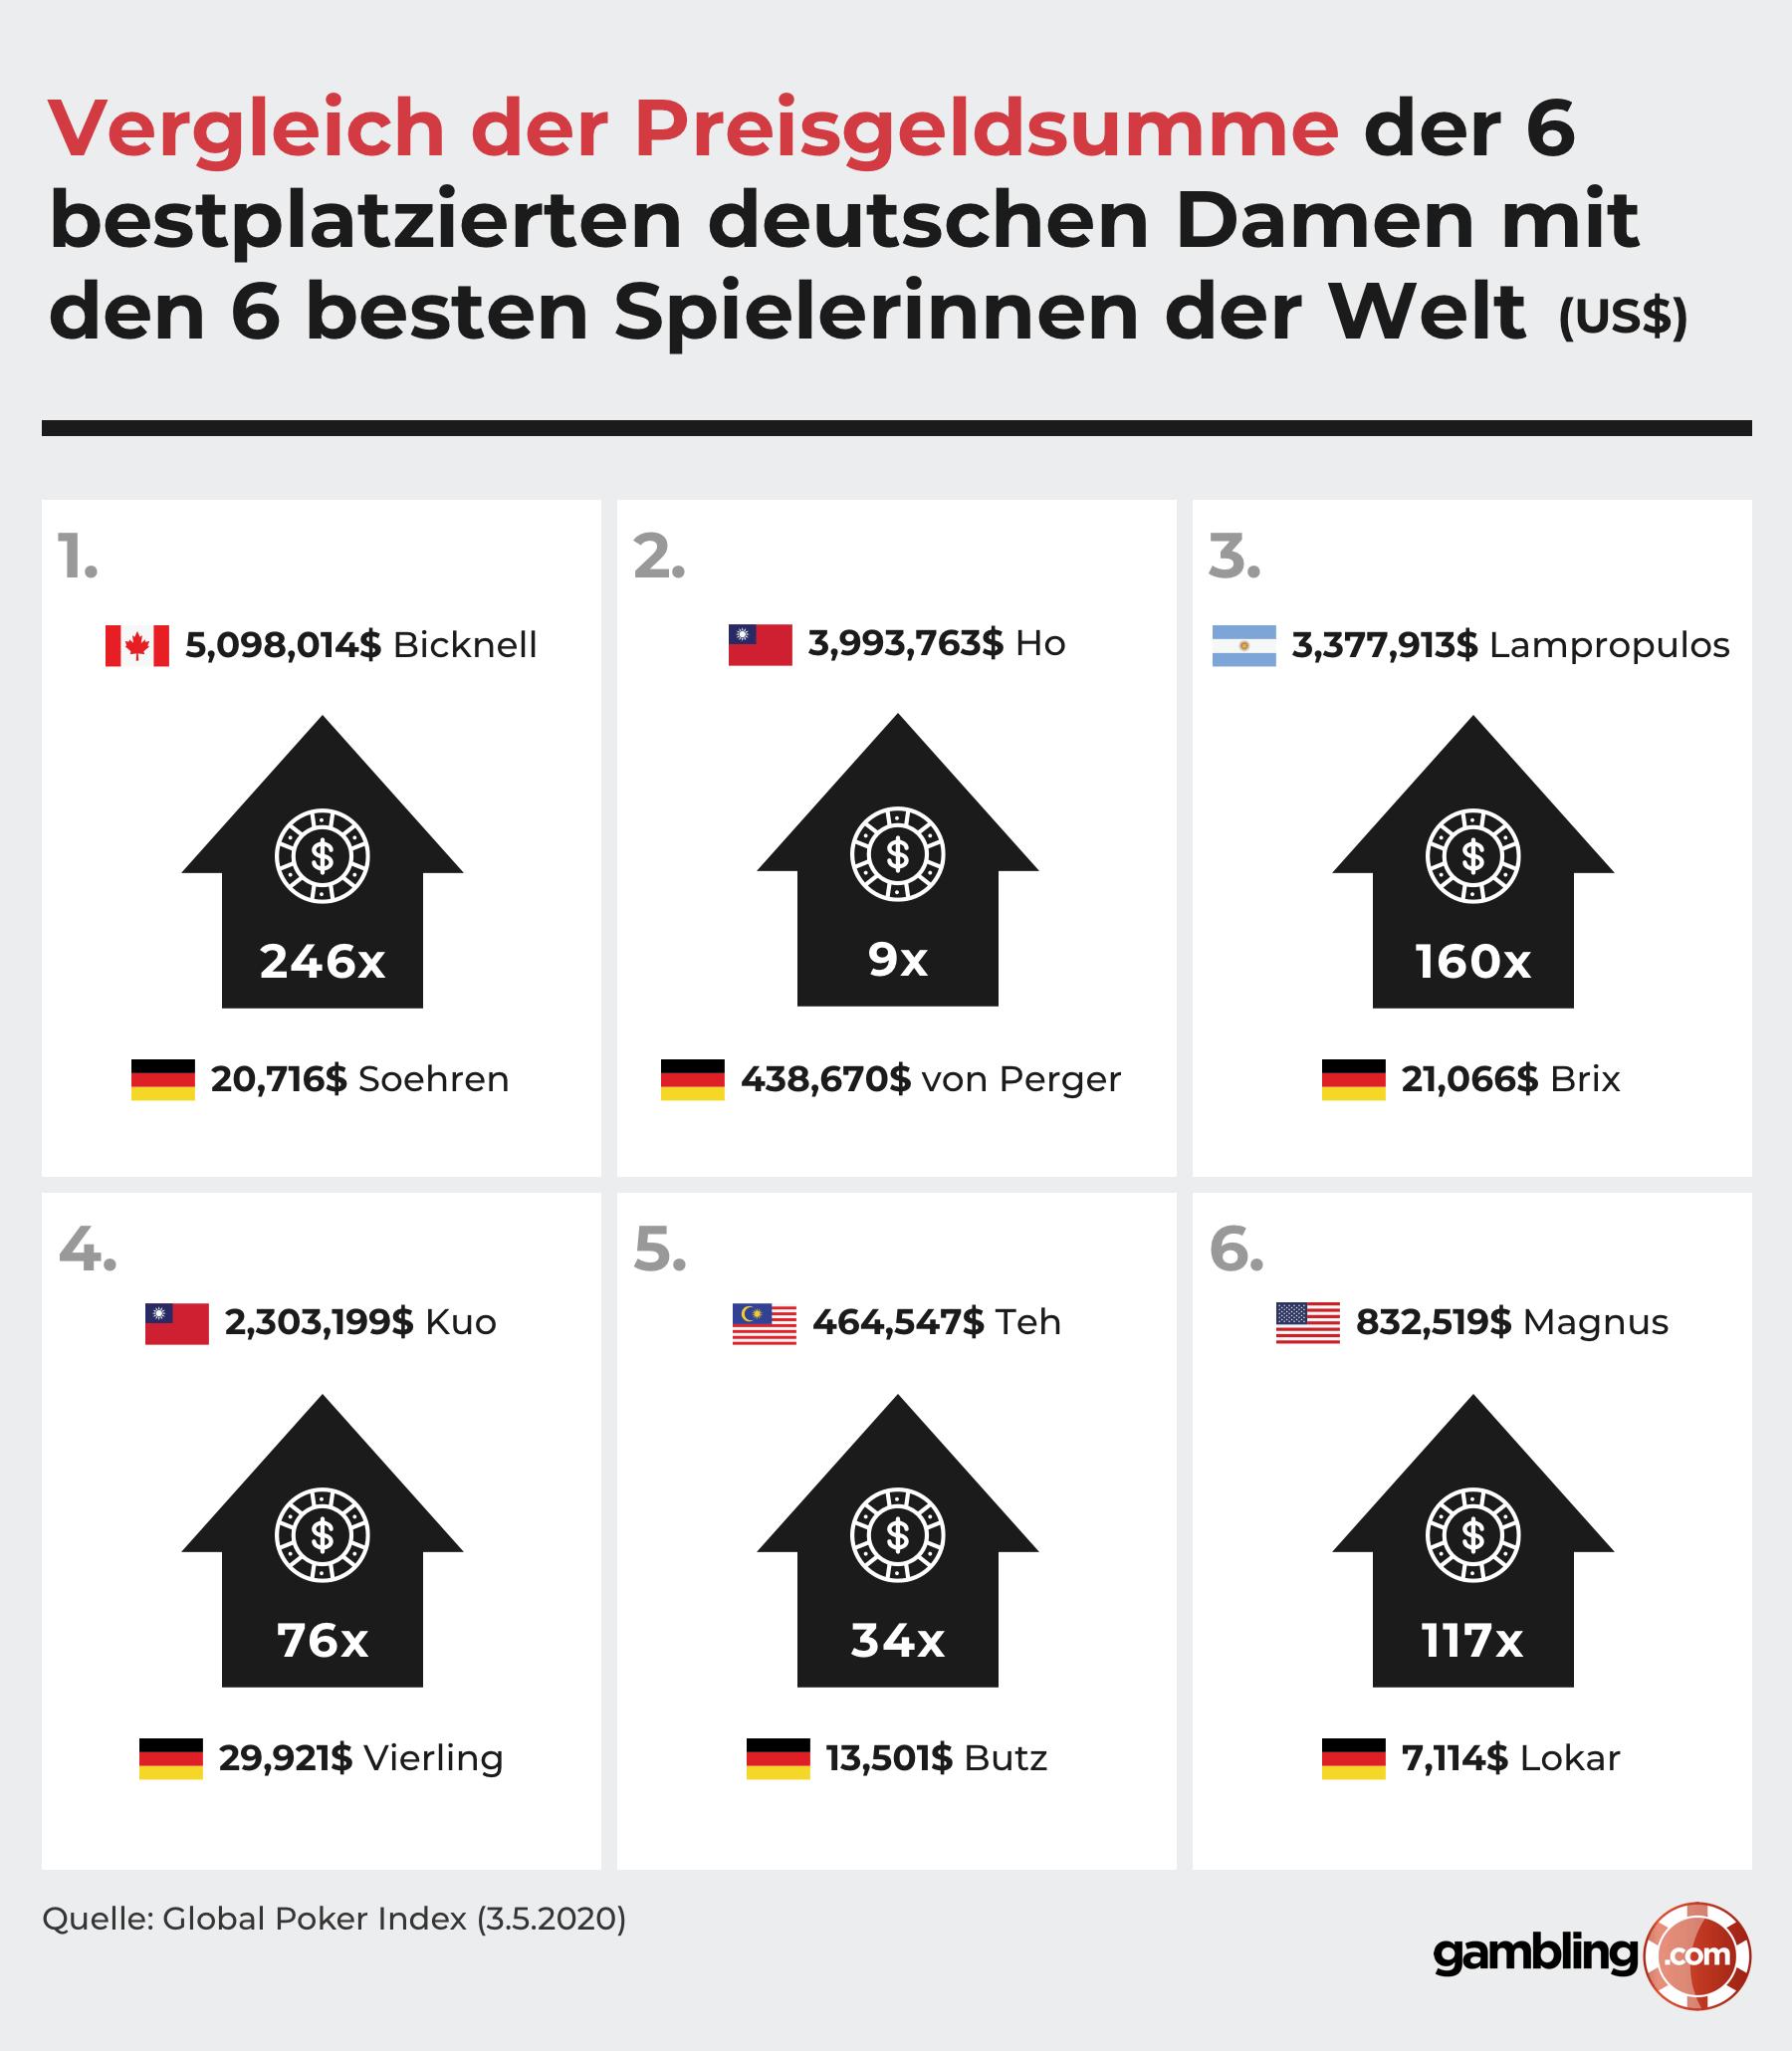 Vergleich der Preisgeldsummen deutscher und internationaler Pokerspielerinnen